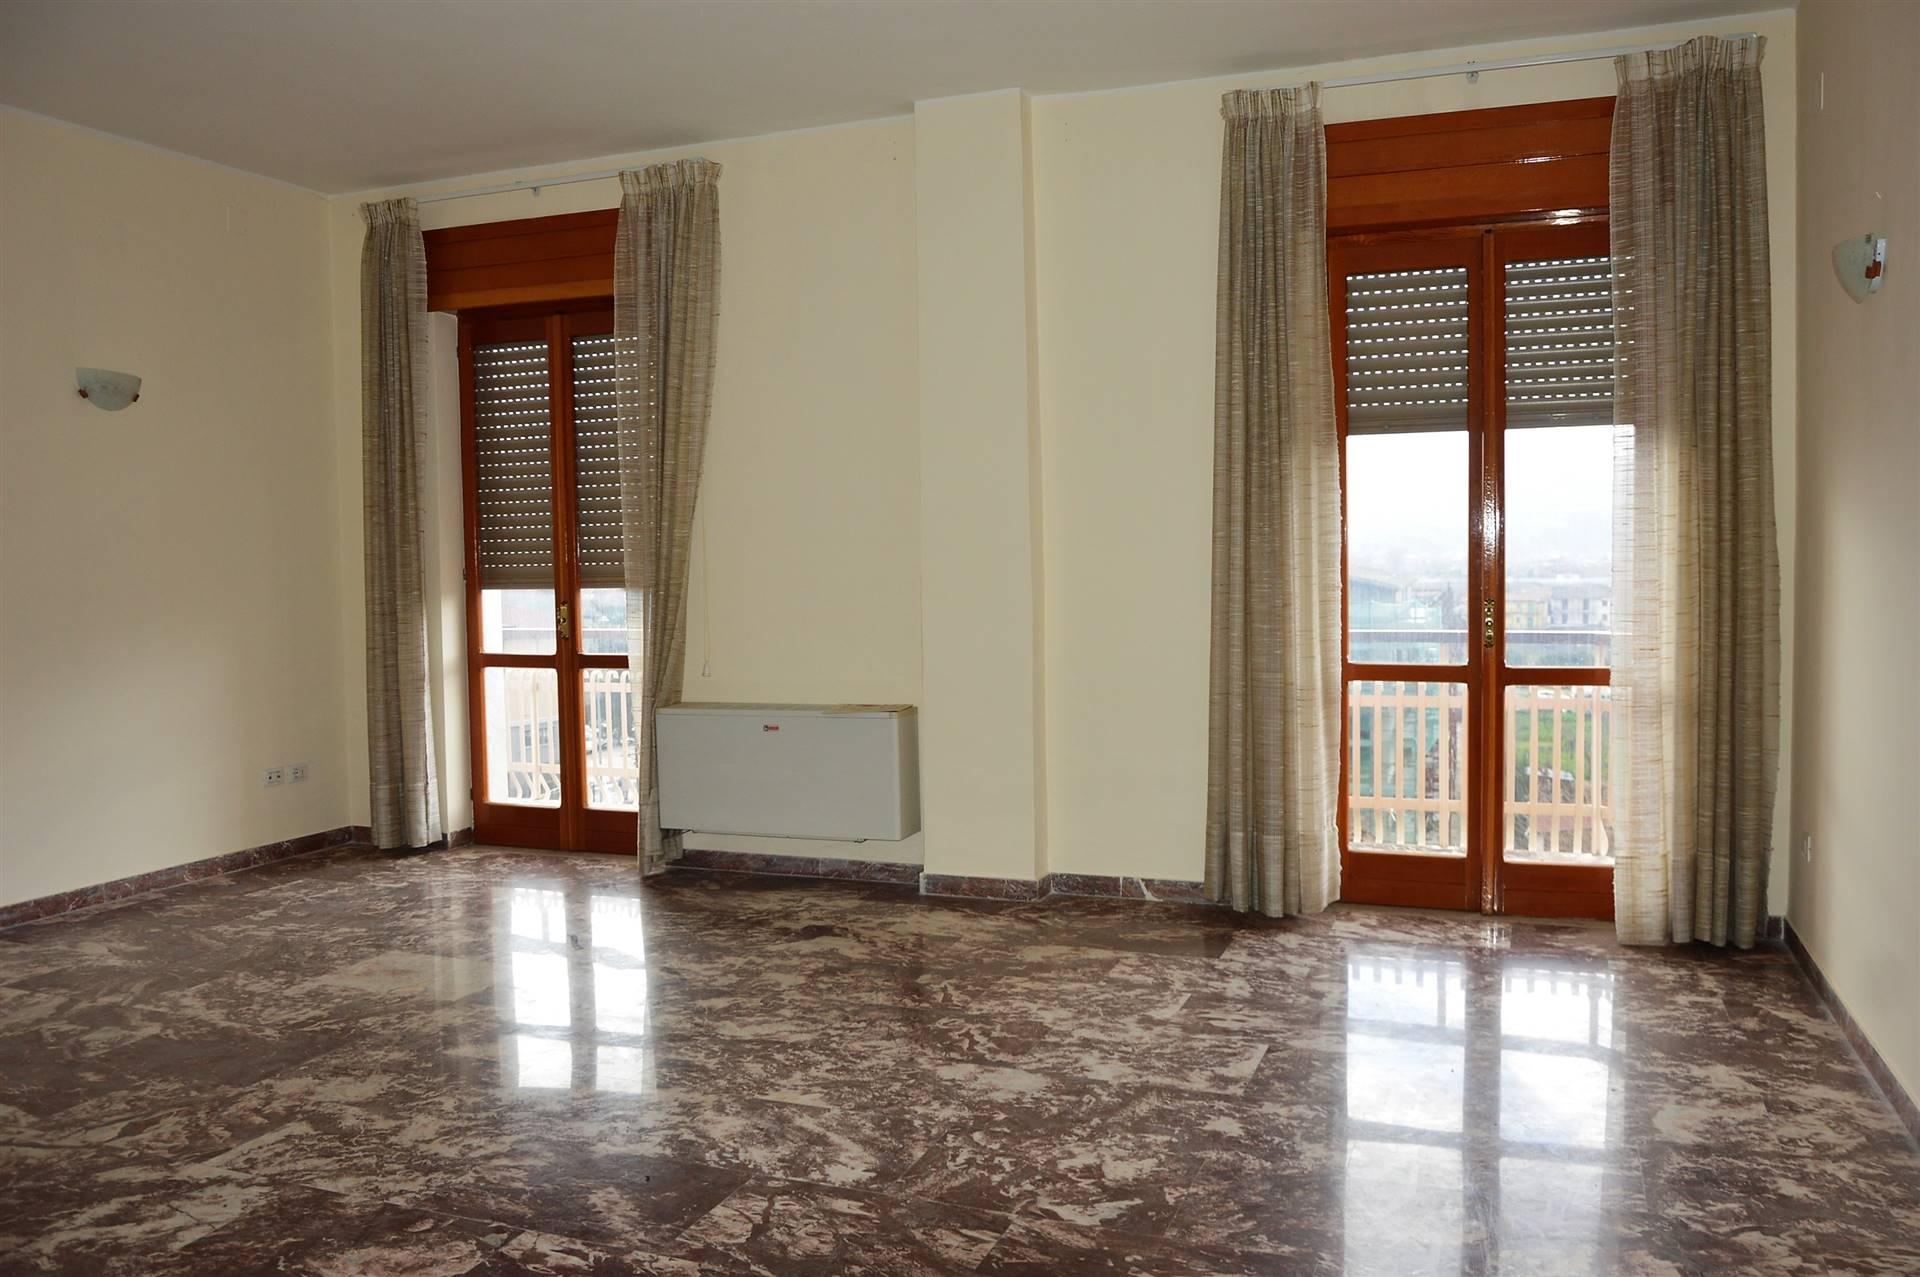 Appartamento in vendita a Sala Consilina, 5 locali, zona Località: TRINITA, prezzo € 65.000 | CambioCasa.it